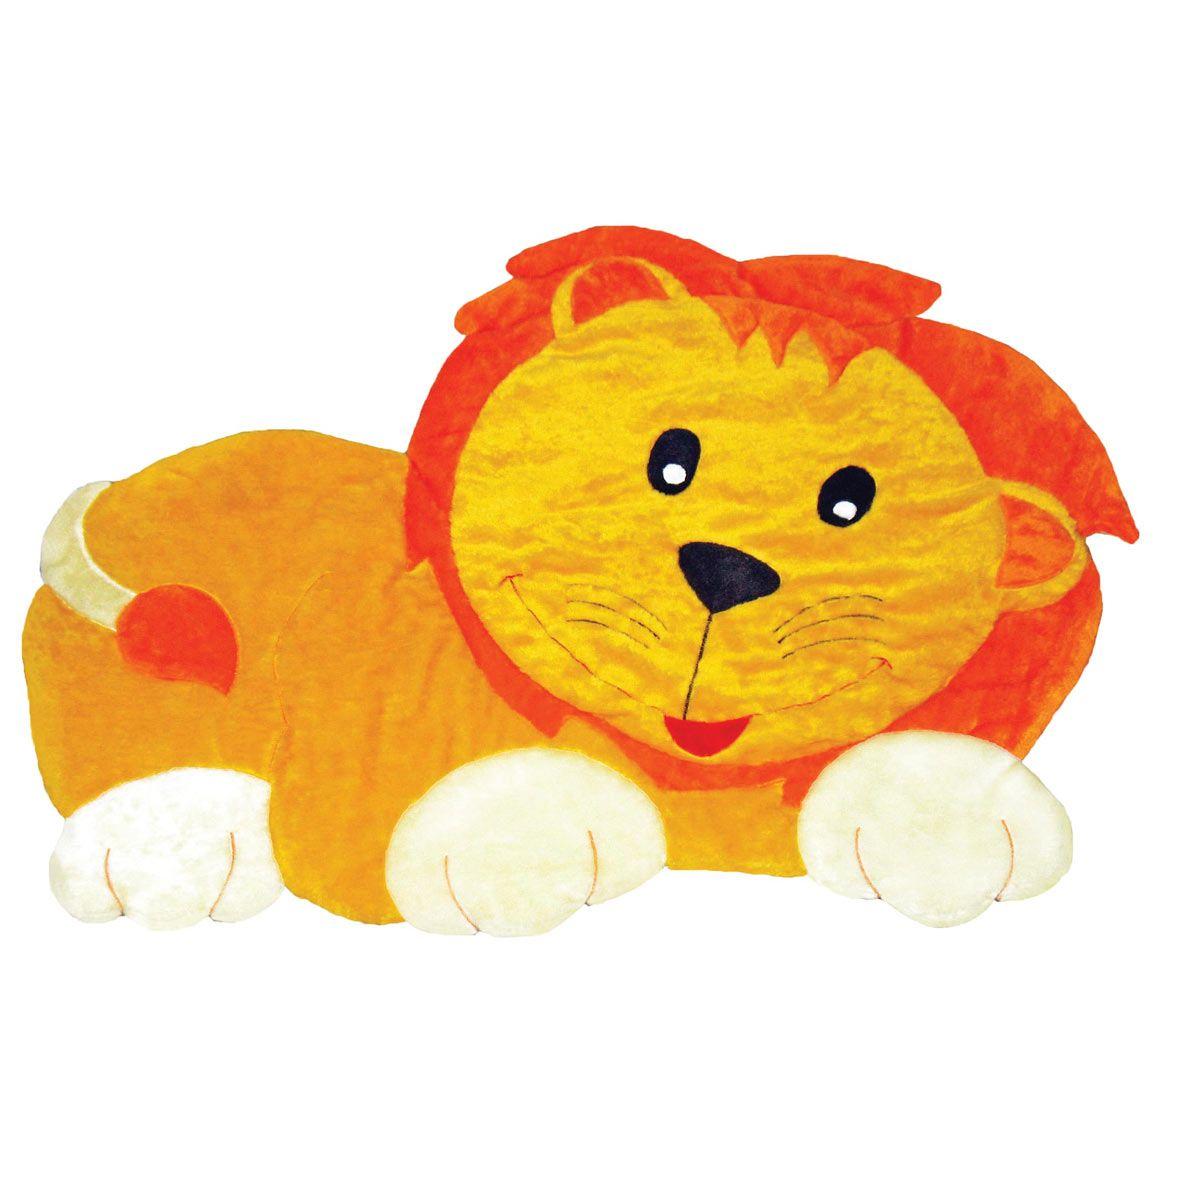 Tapete para Quarto de Bebê Leão 1,30m x 1,10m Amarelo - Antialérgico